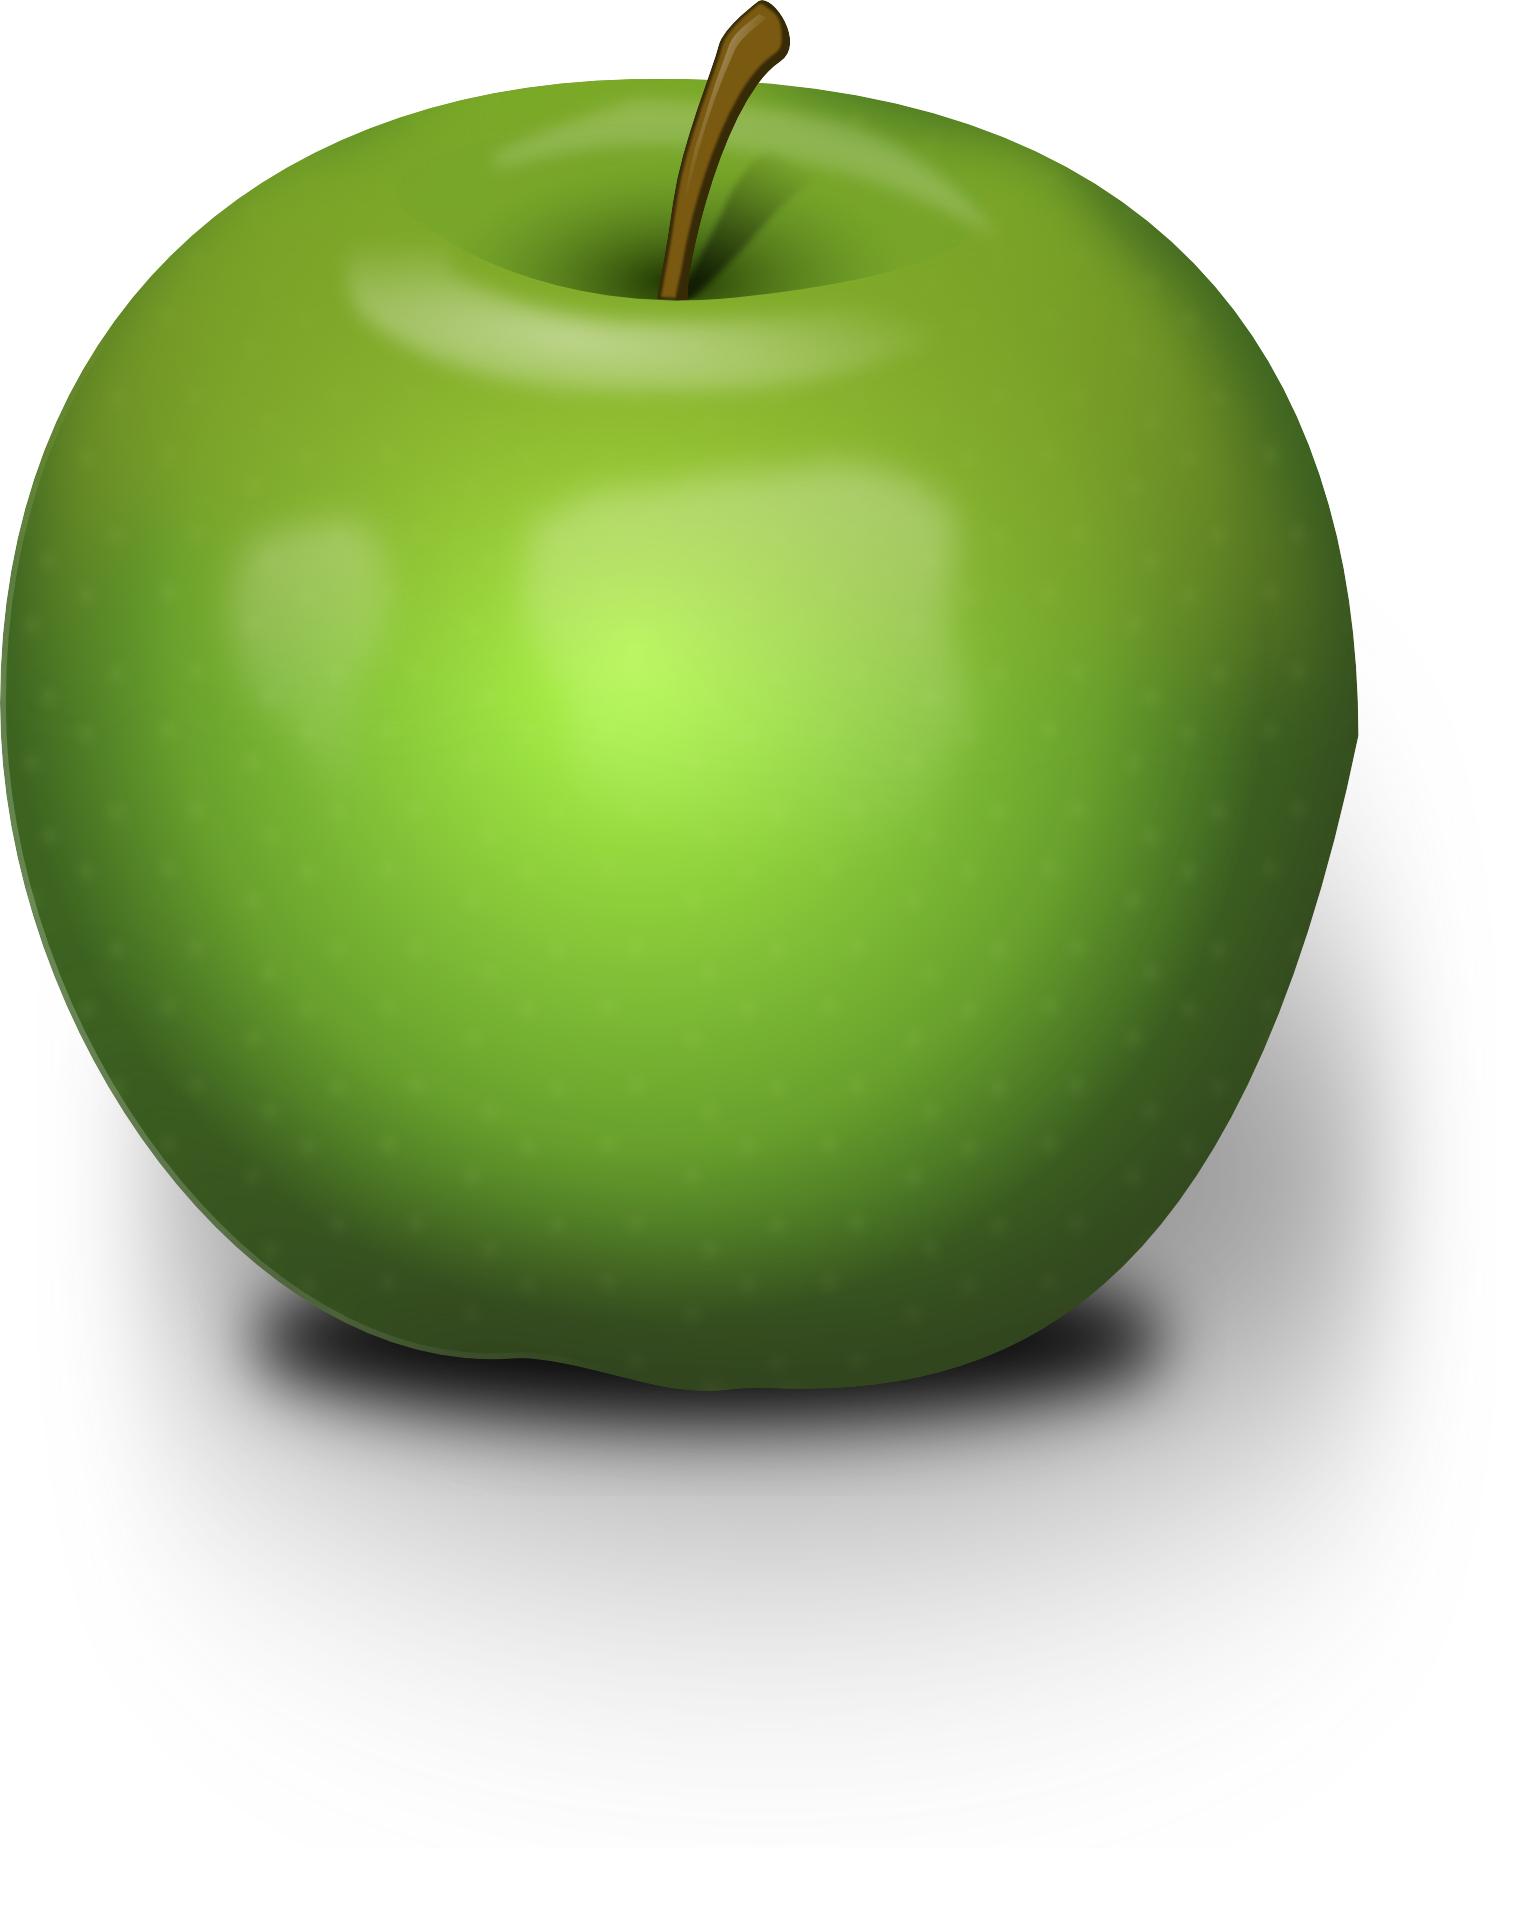 Green apple,fruit vector